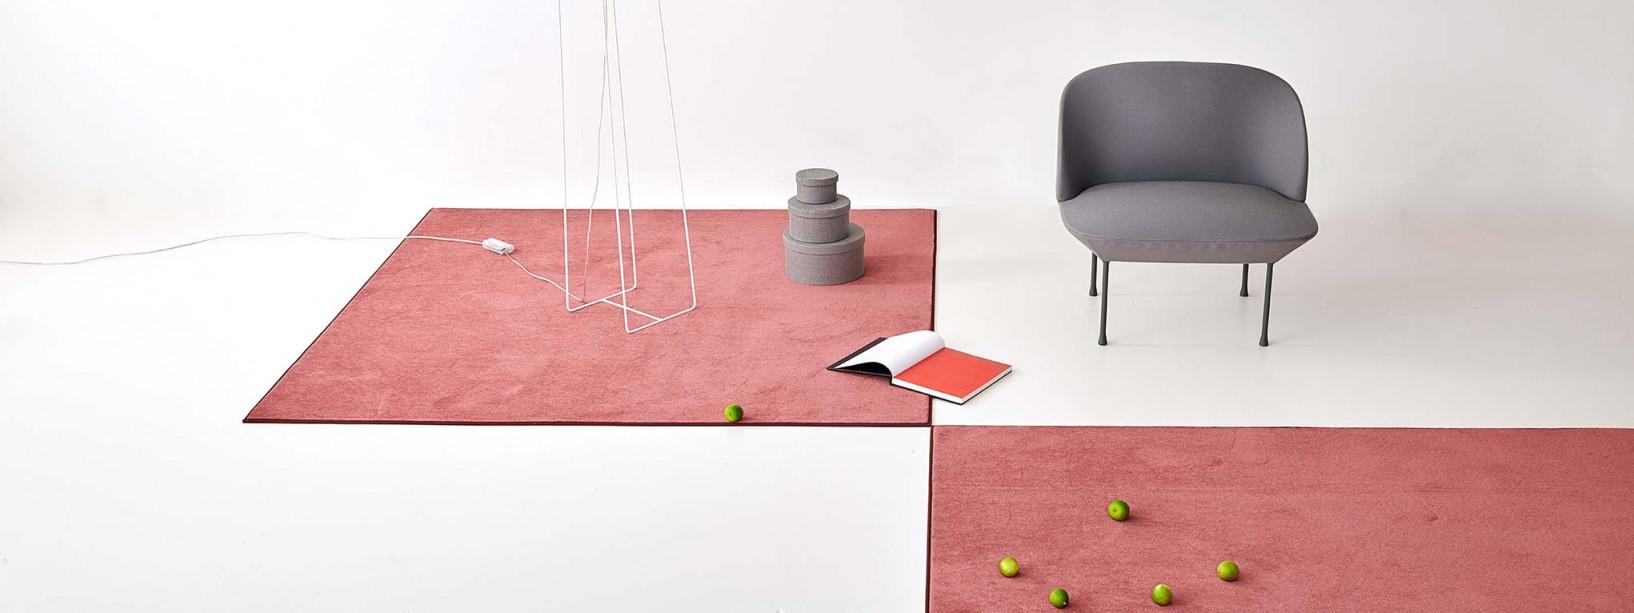 Teppich Quadratisch Online Bestellen von Wohnzimmer Teppich 200X200 Bild